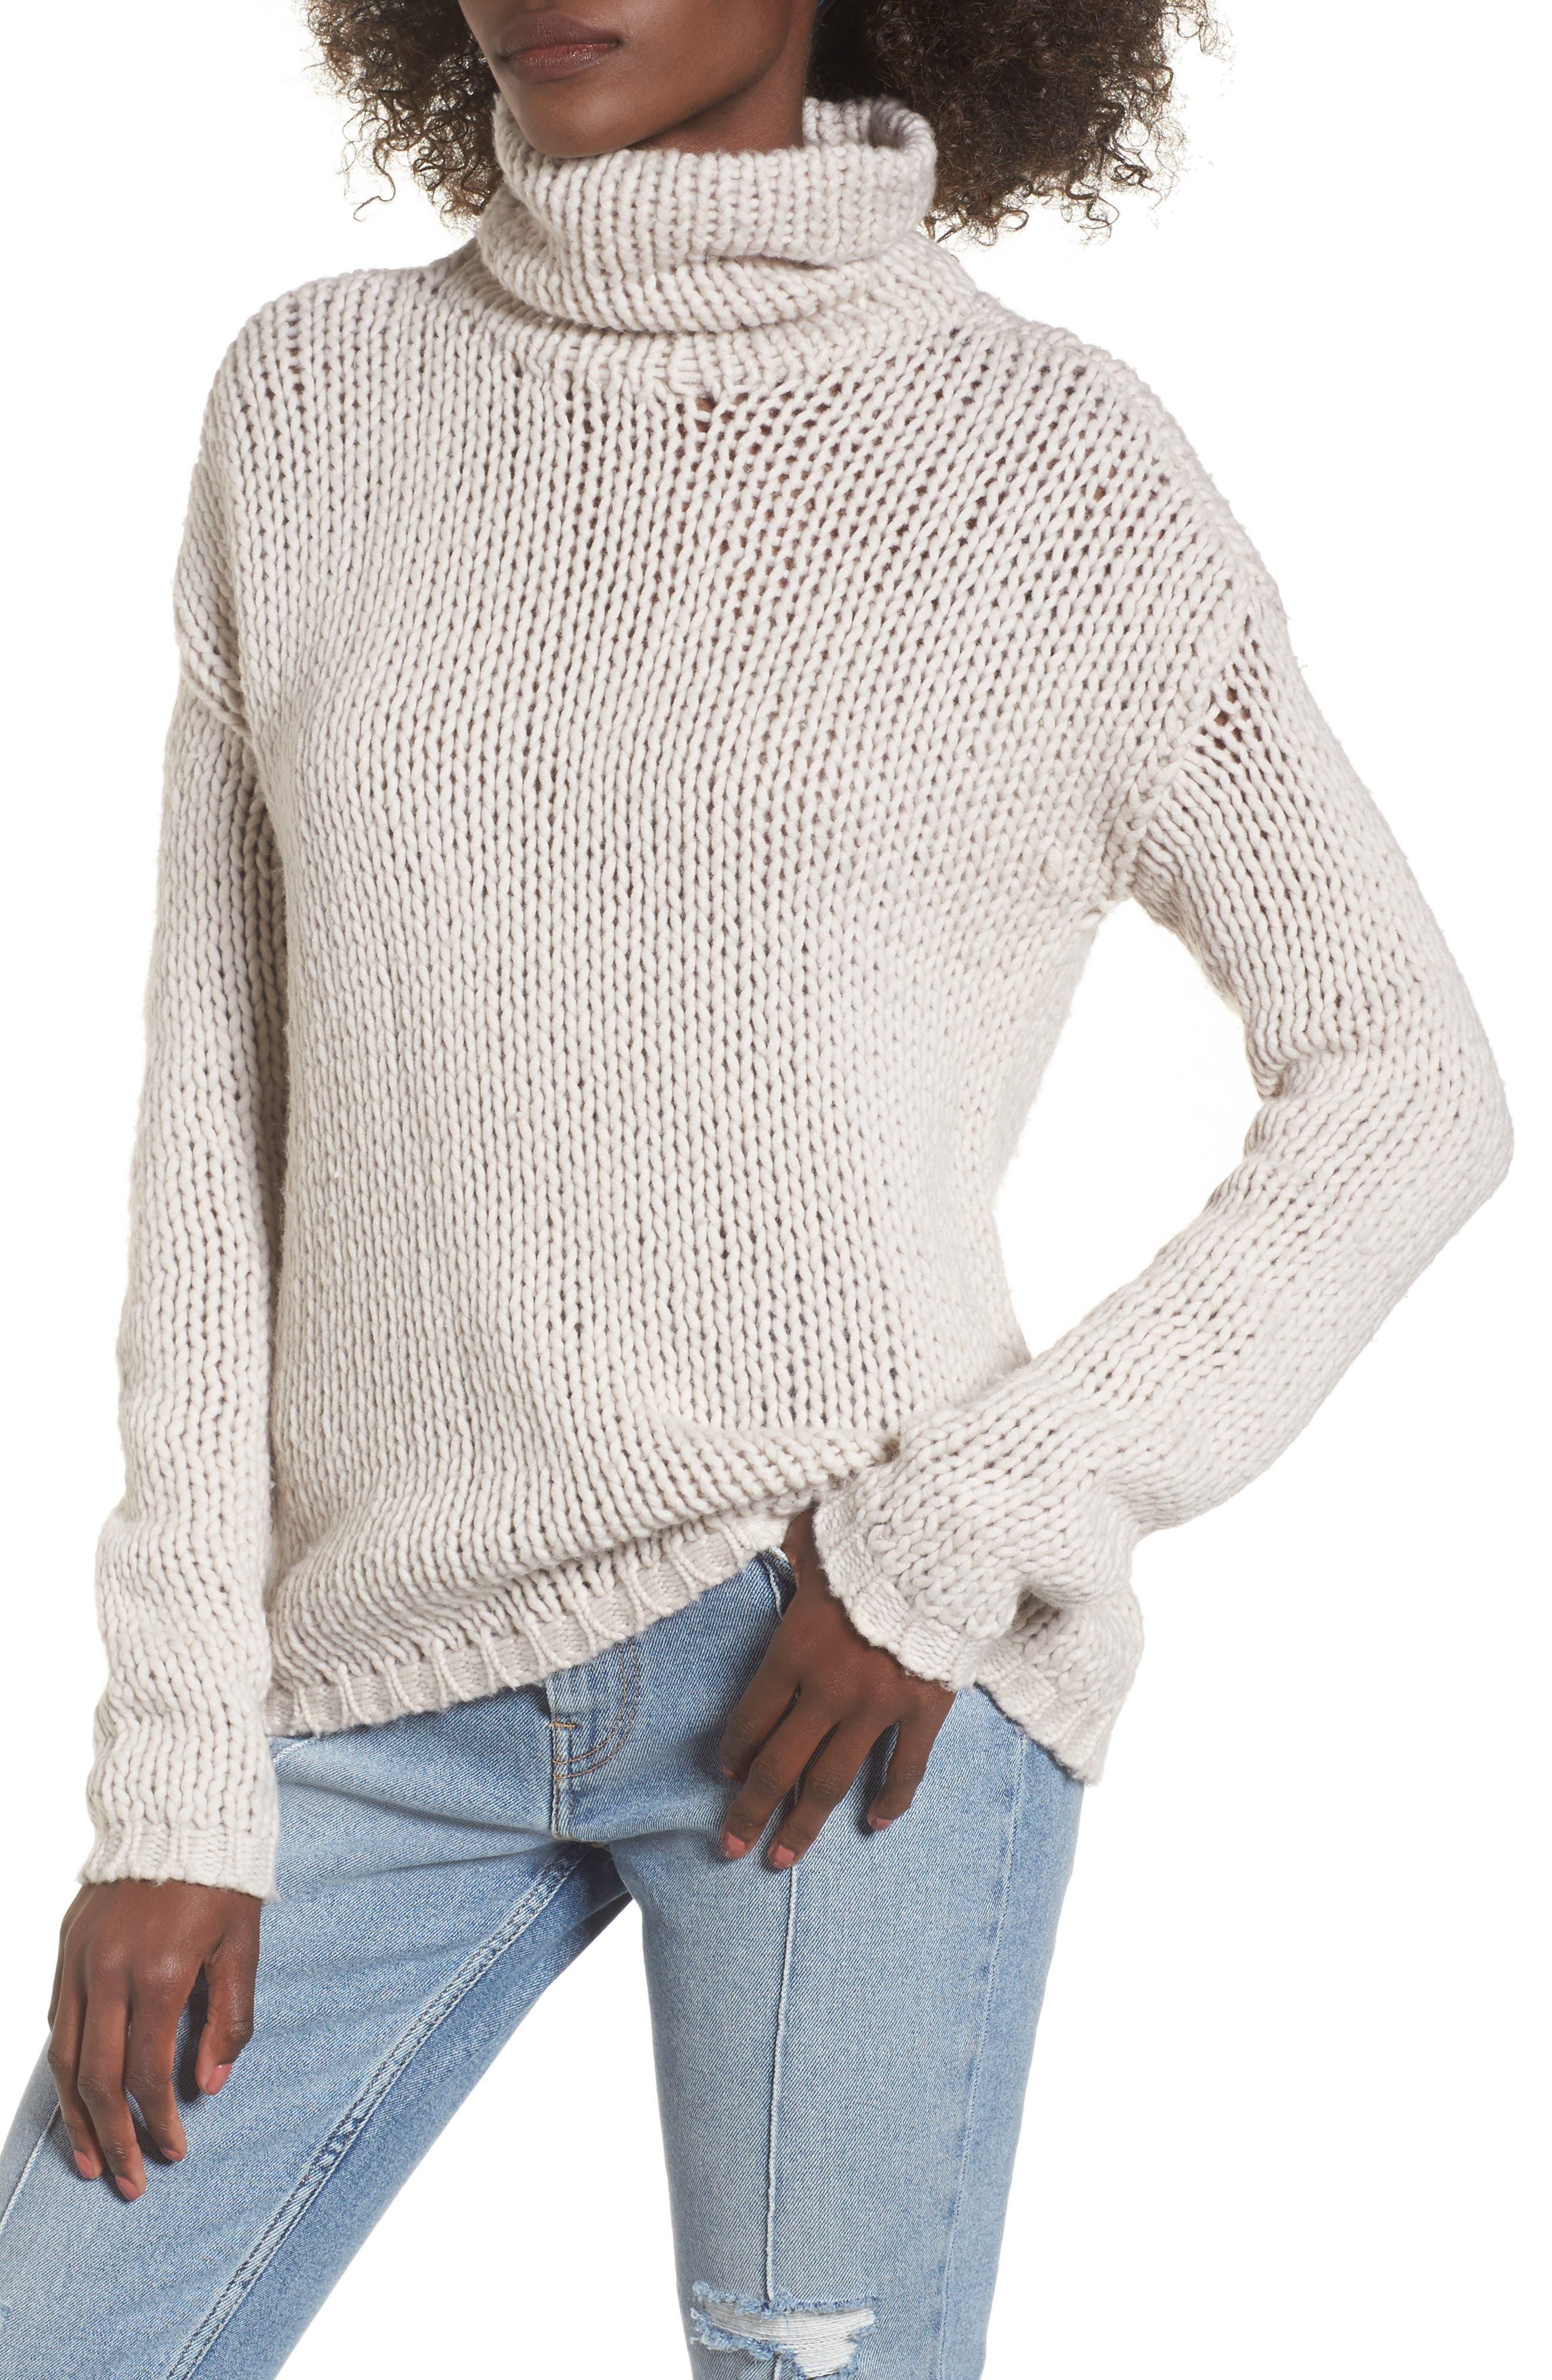 Lovers + Friends Hawken Turtleneck Sweater